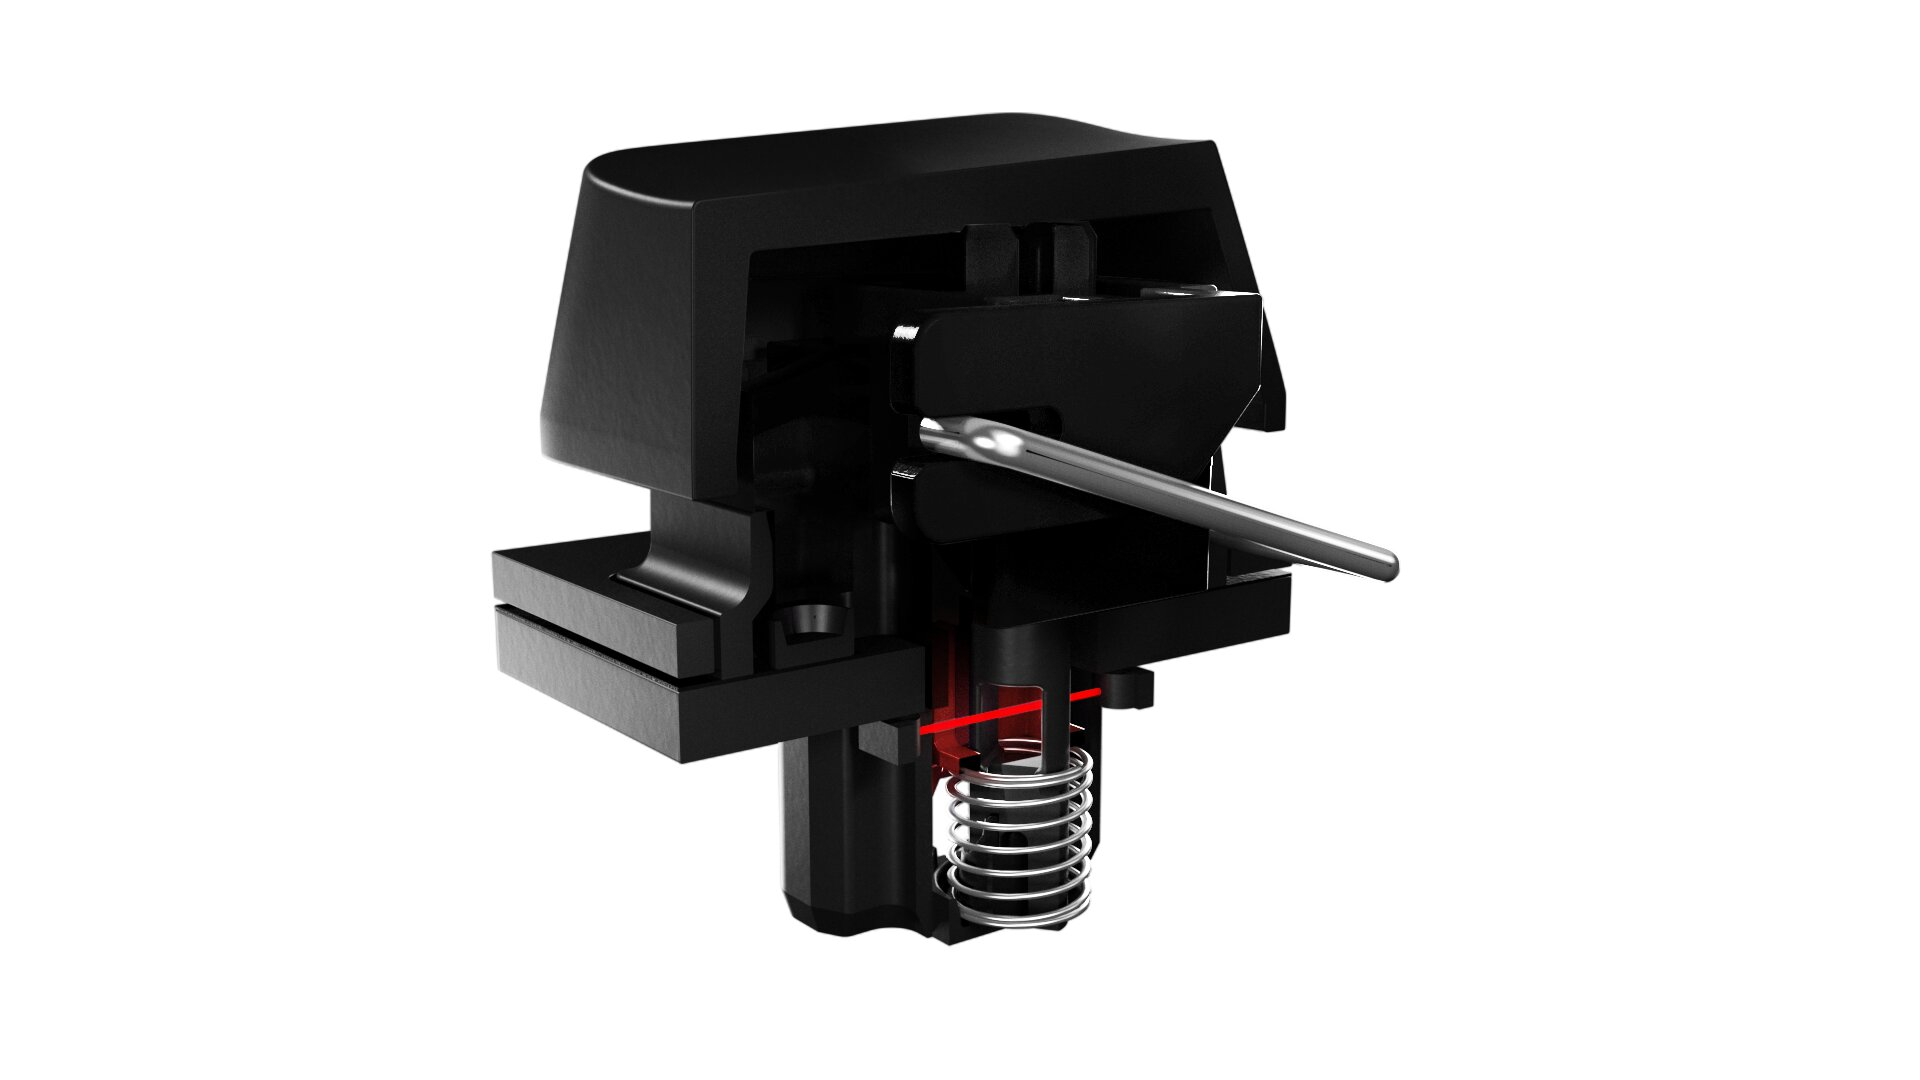 Razer Analog Optical Switch